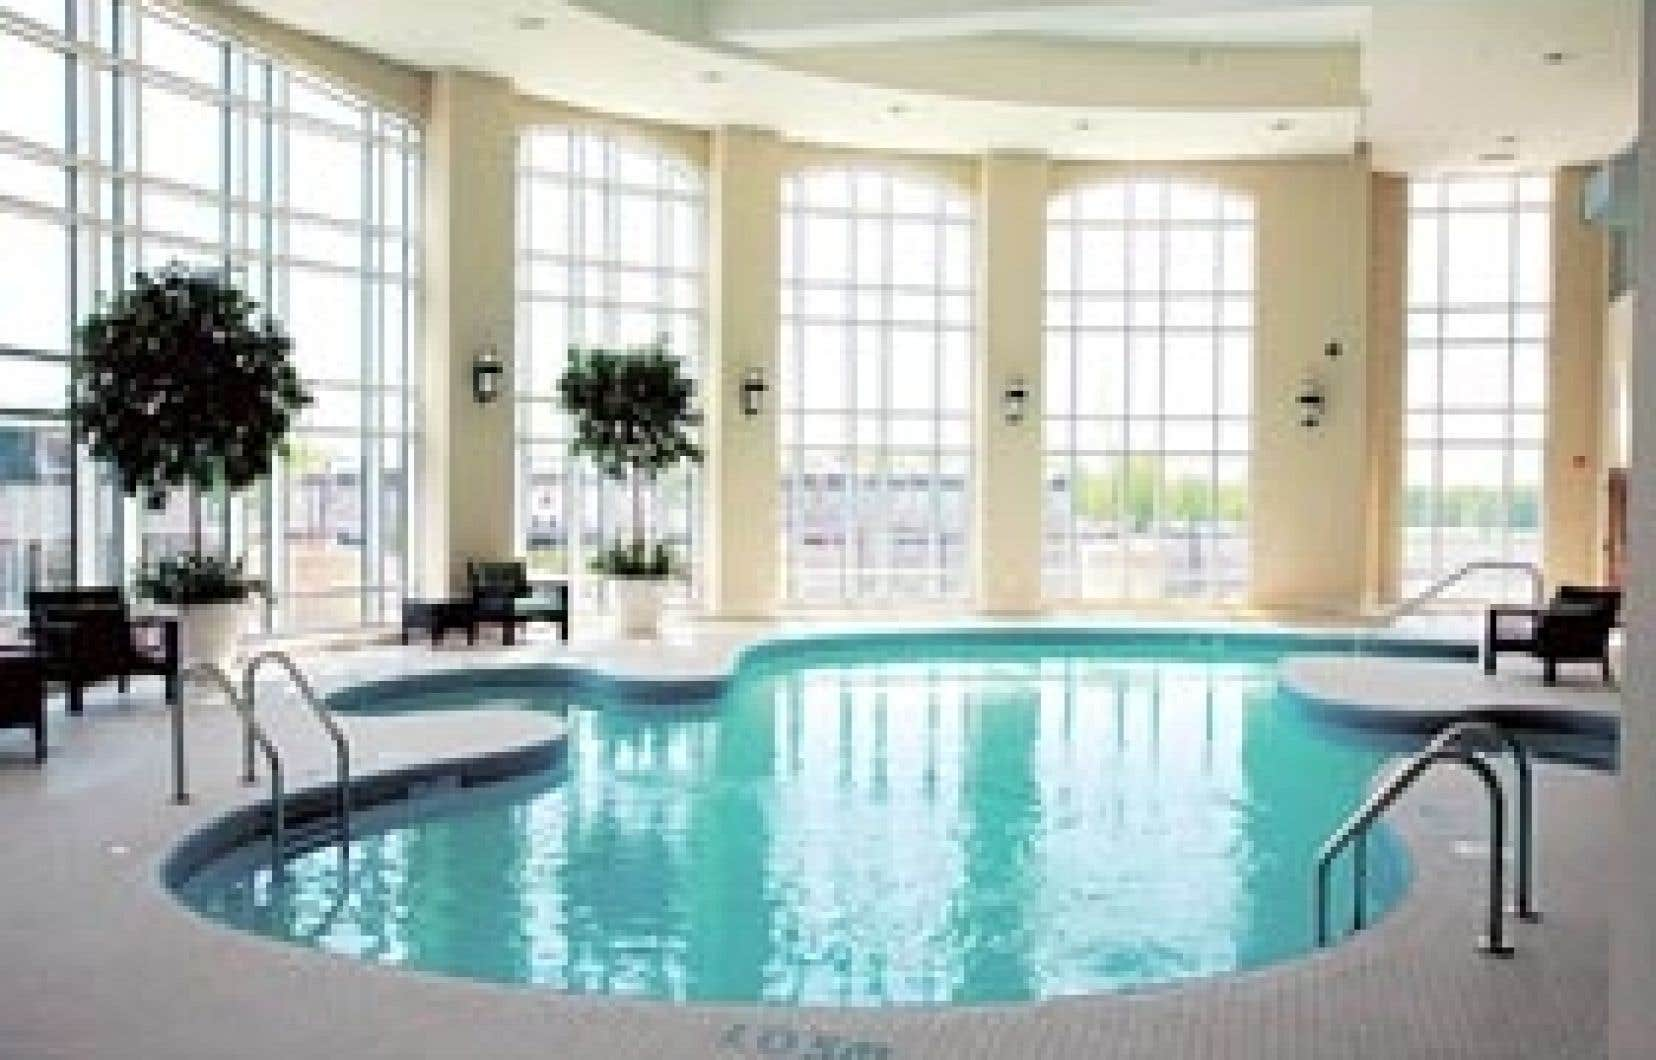 Un spa, un salon de massage et une piscine thérapeutique chauffée offrent des moments de détente aux locataires.